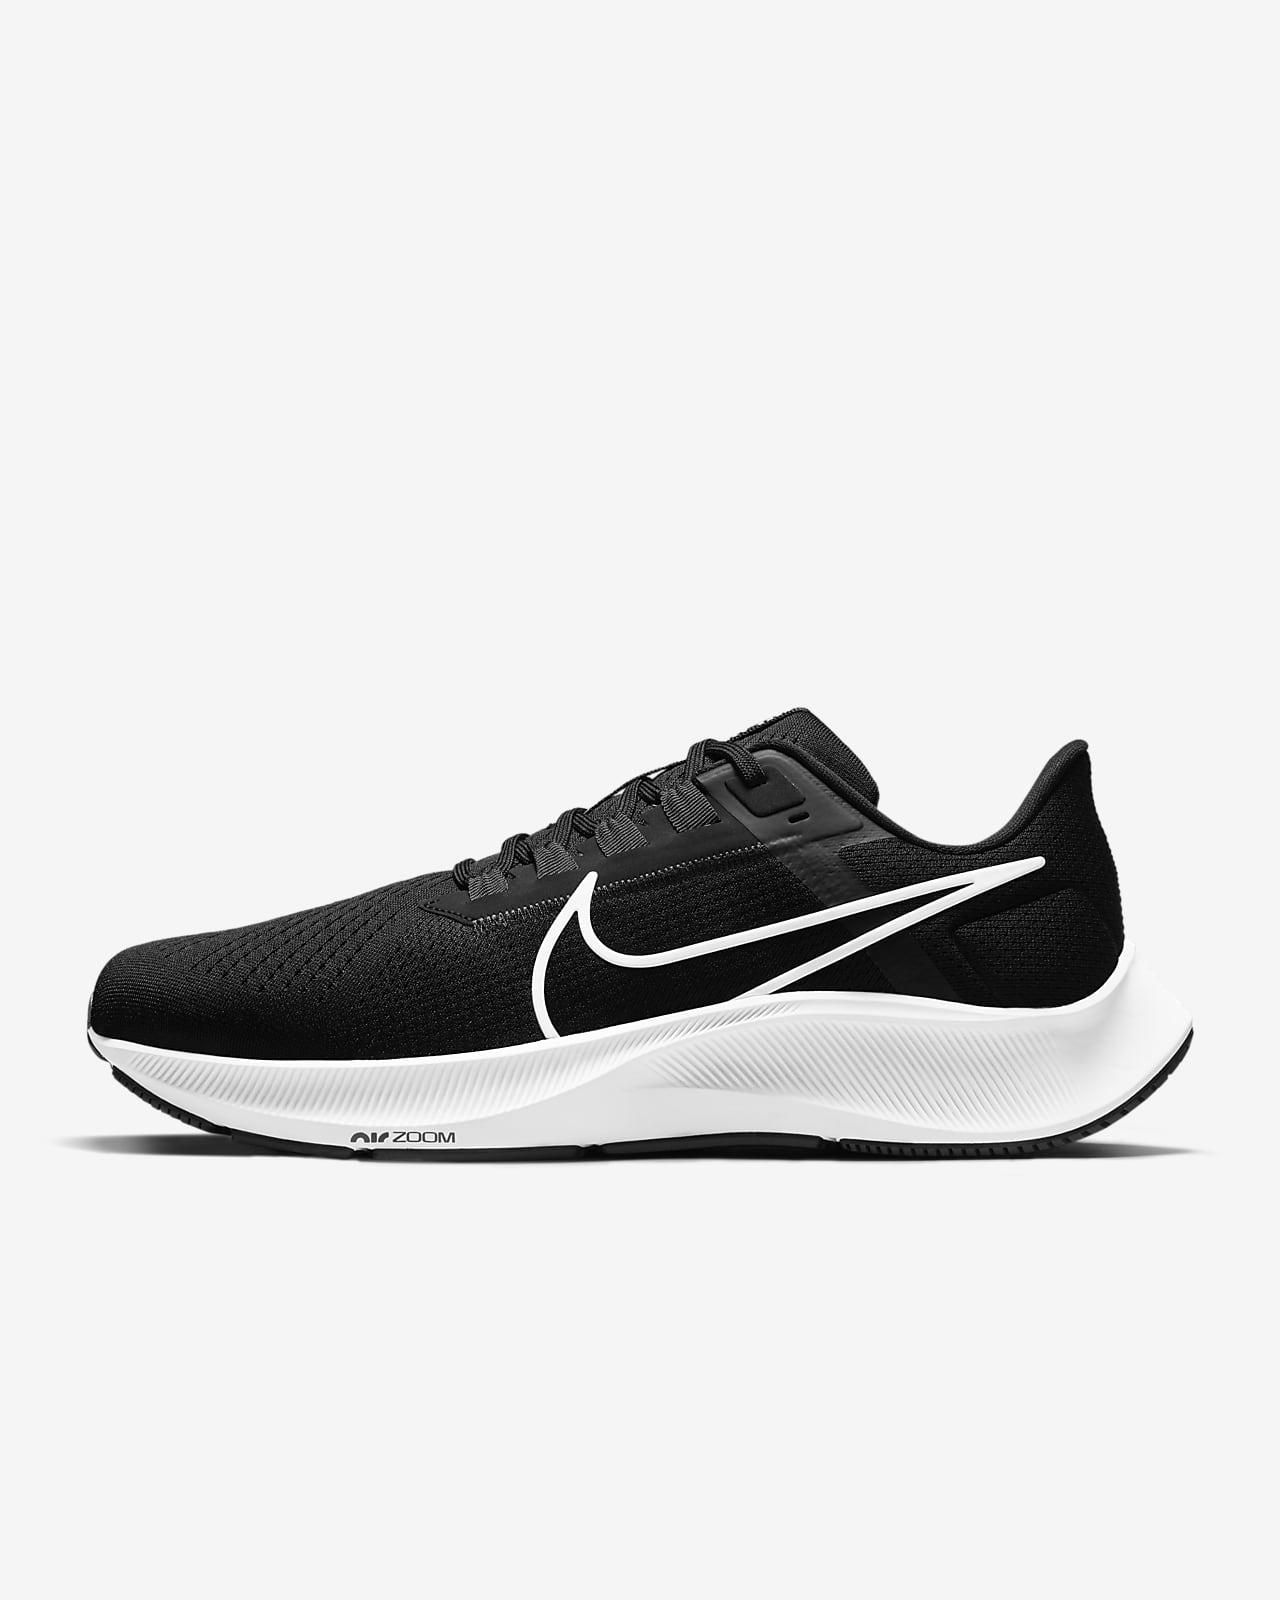 Löparsko Nike Air Zoom Pegasus 38 (extra bred modell) för män